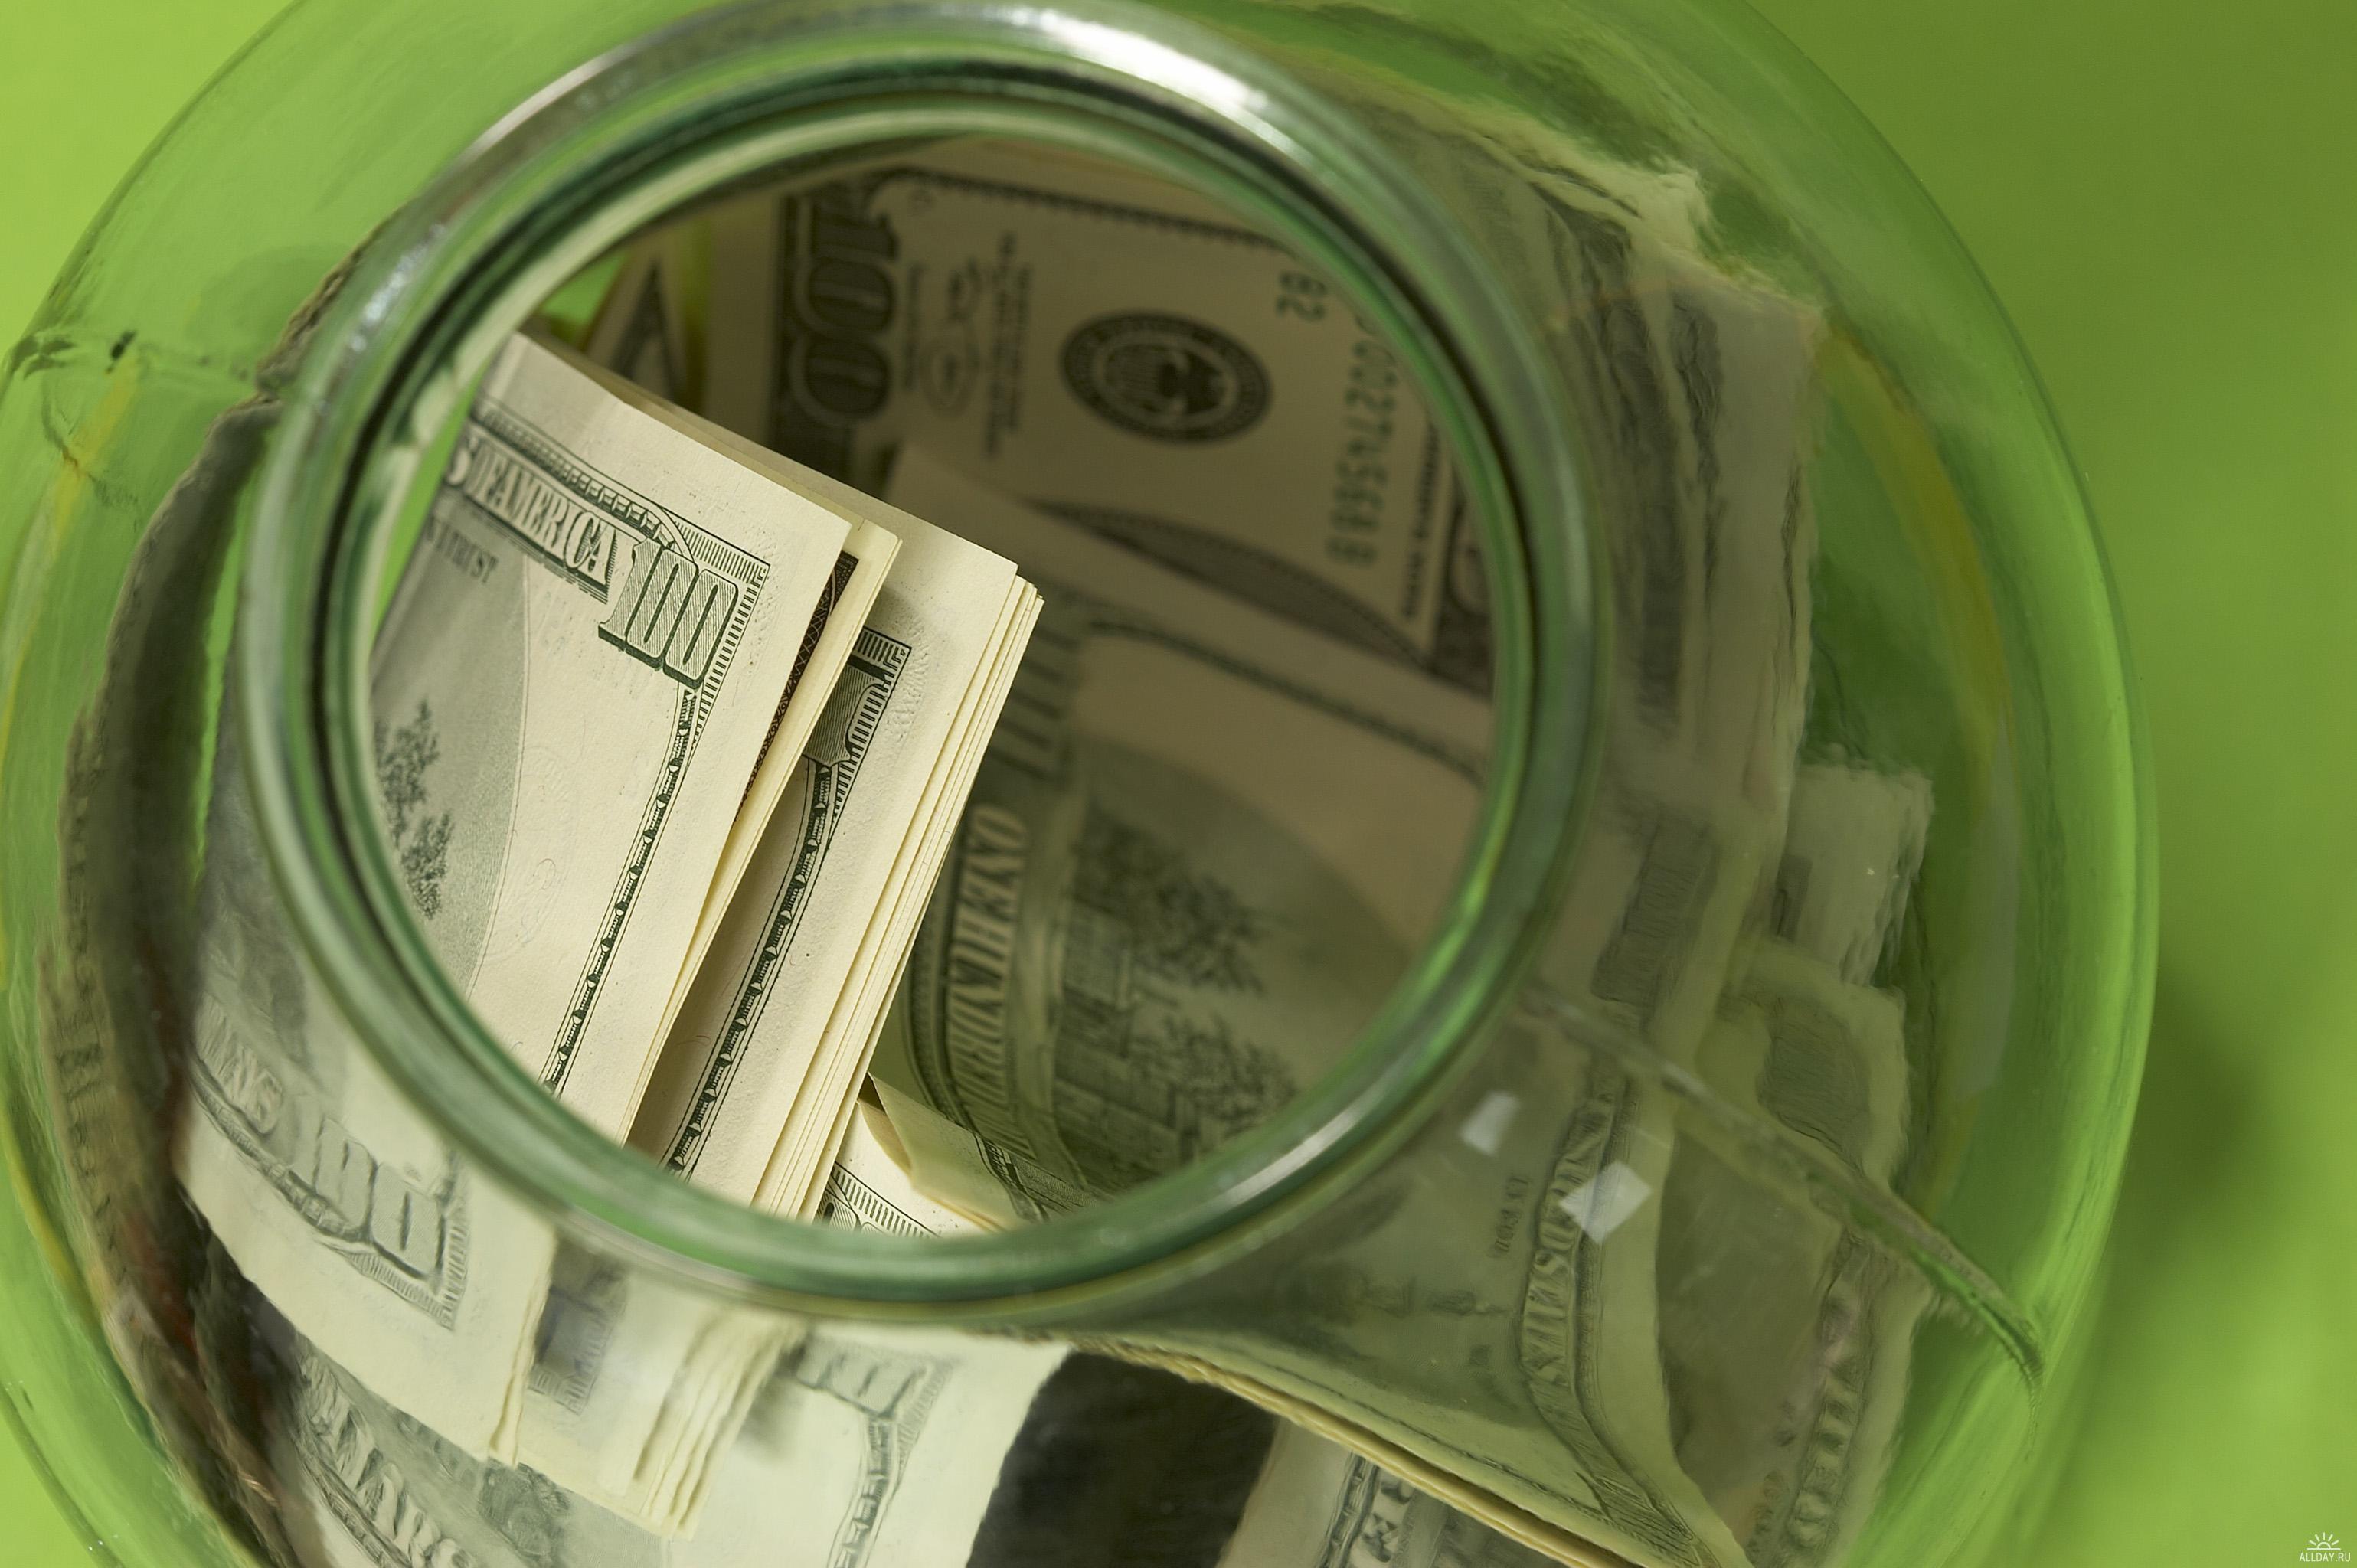 несмотря заурядный вклад в банк доллары такое белье необходимо